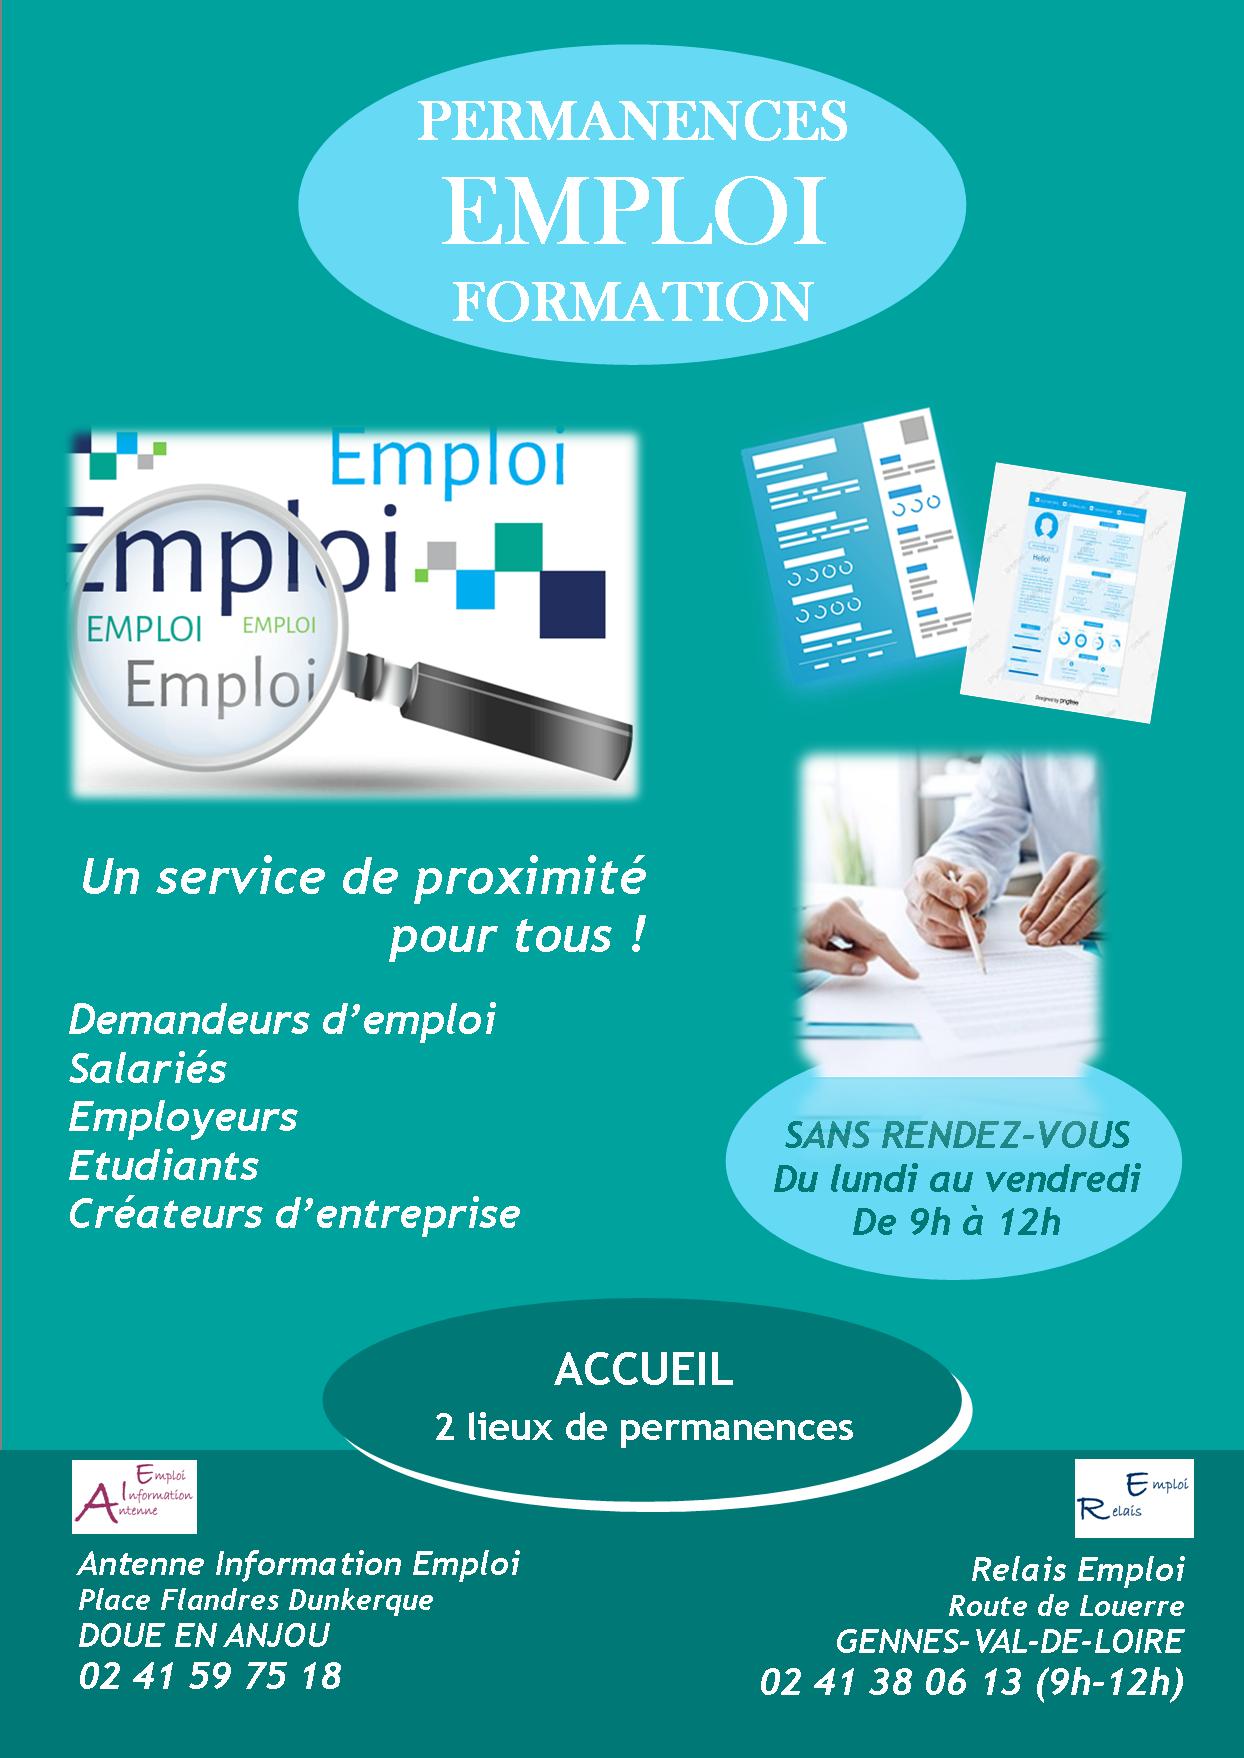 Affiche accueil permanences emploi formation 1